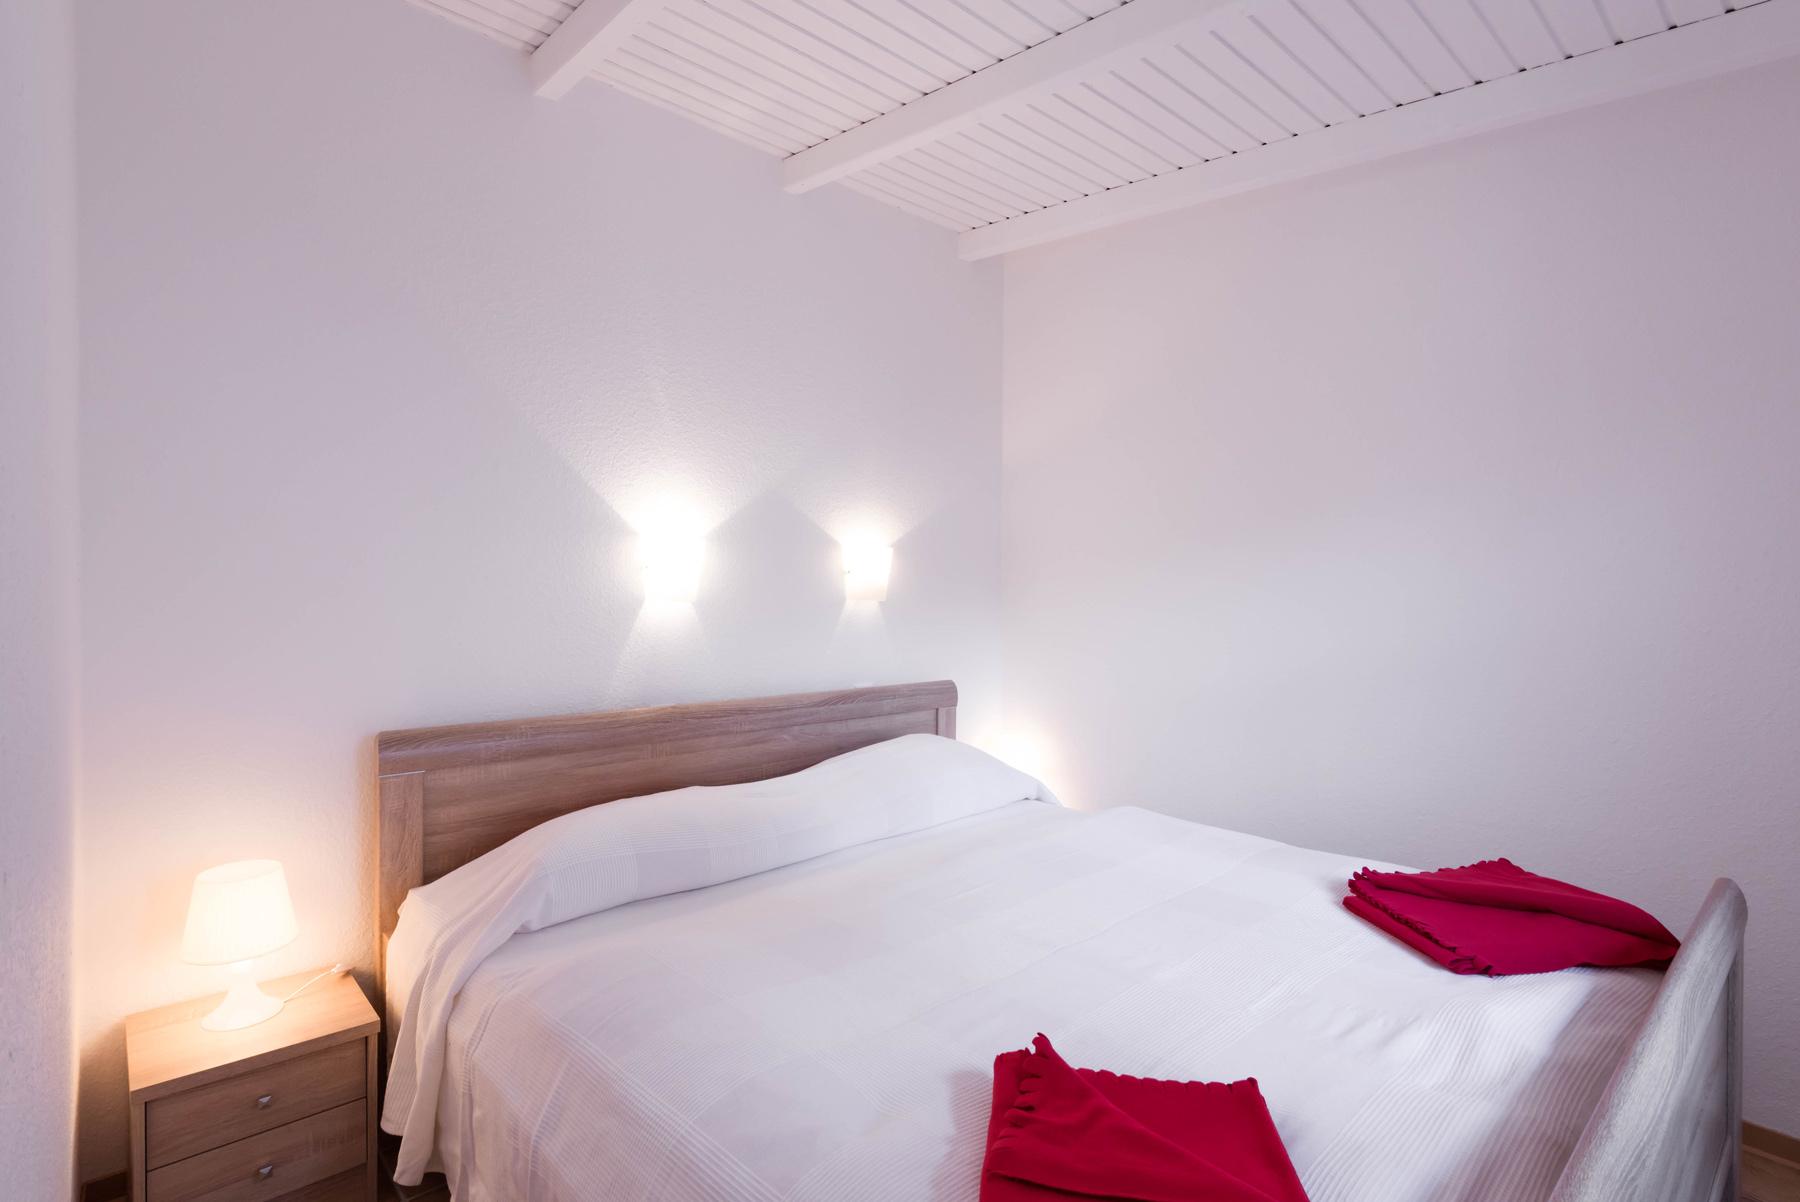 Norderney Ferienwohnung 2 Schlafzimmer ~ Die beste Sammlung von ...